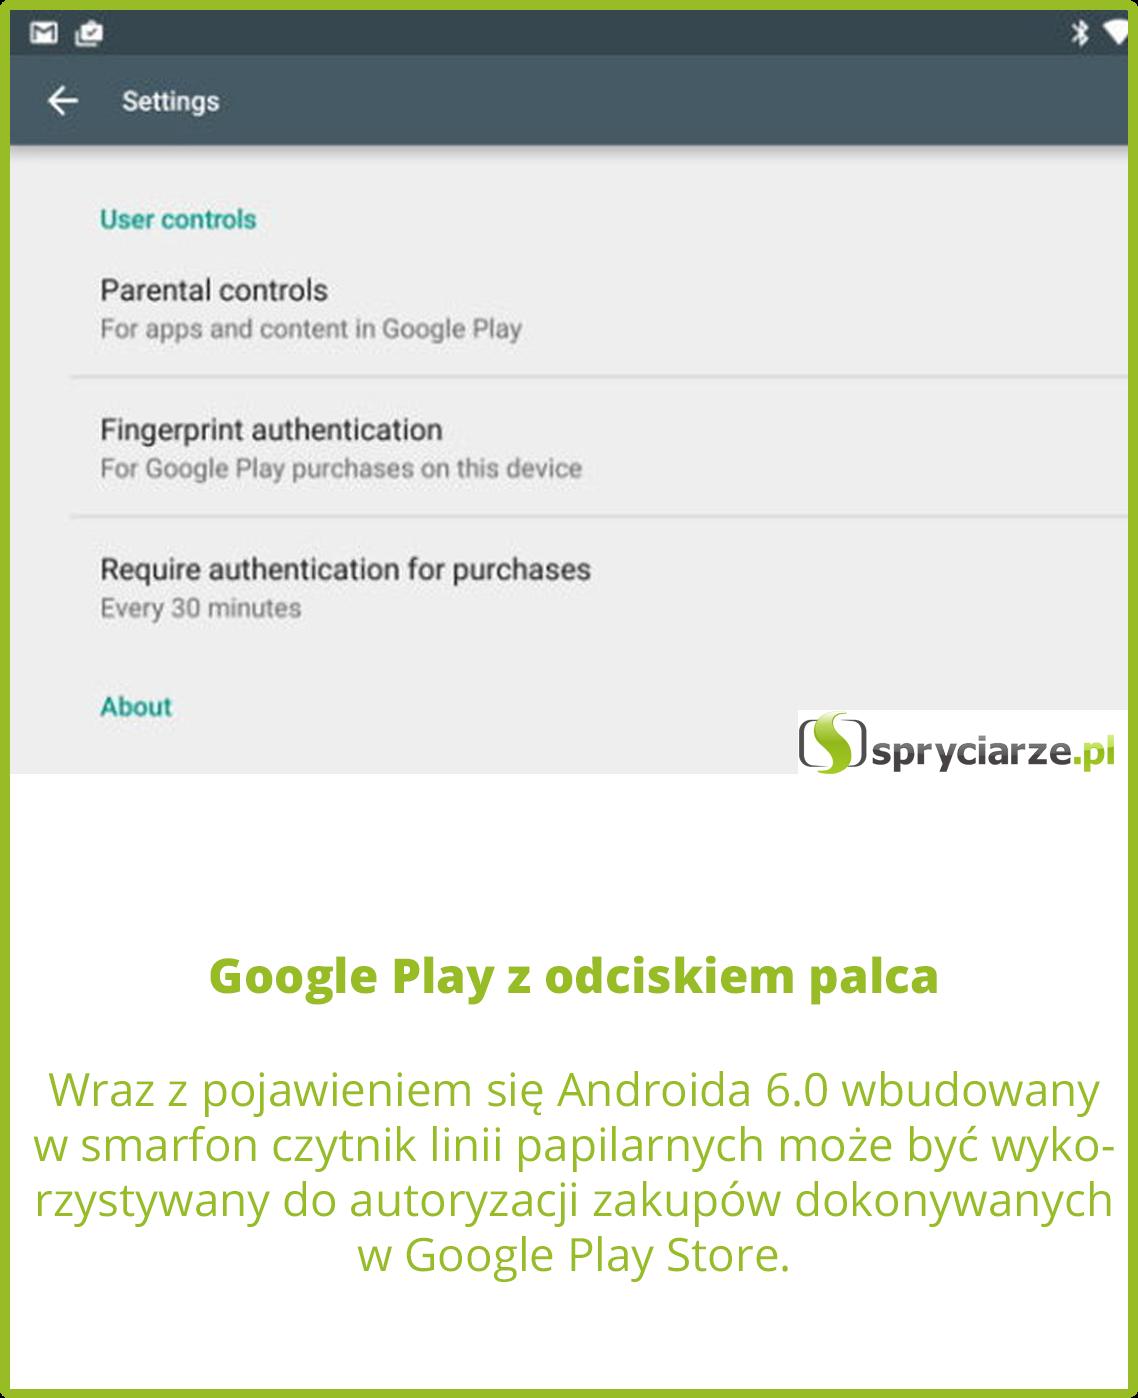 Google Play z odciskiem palca